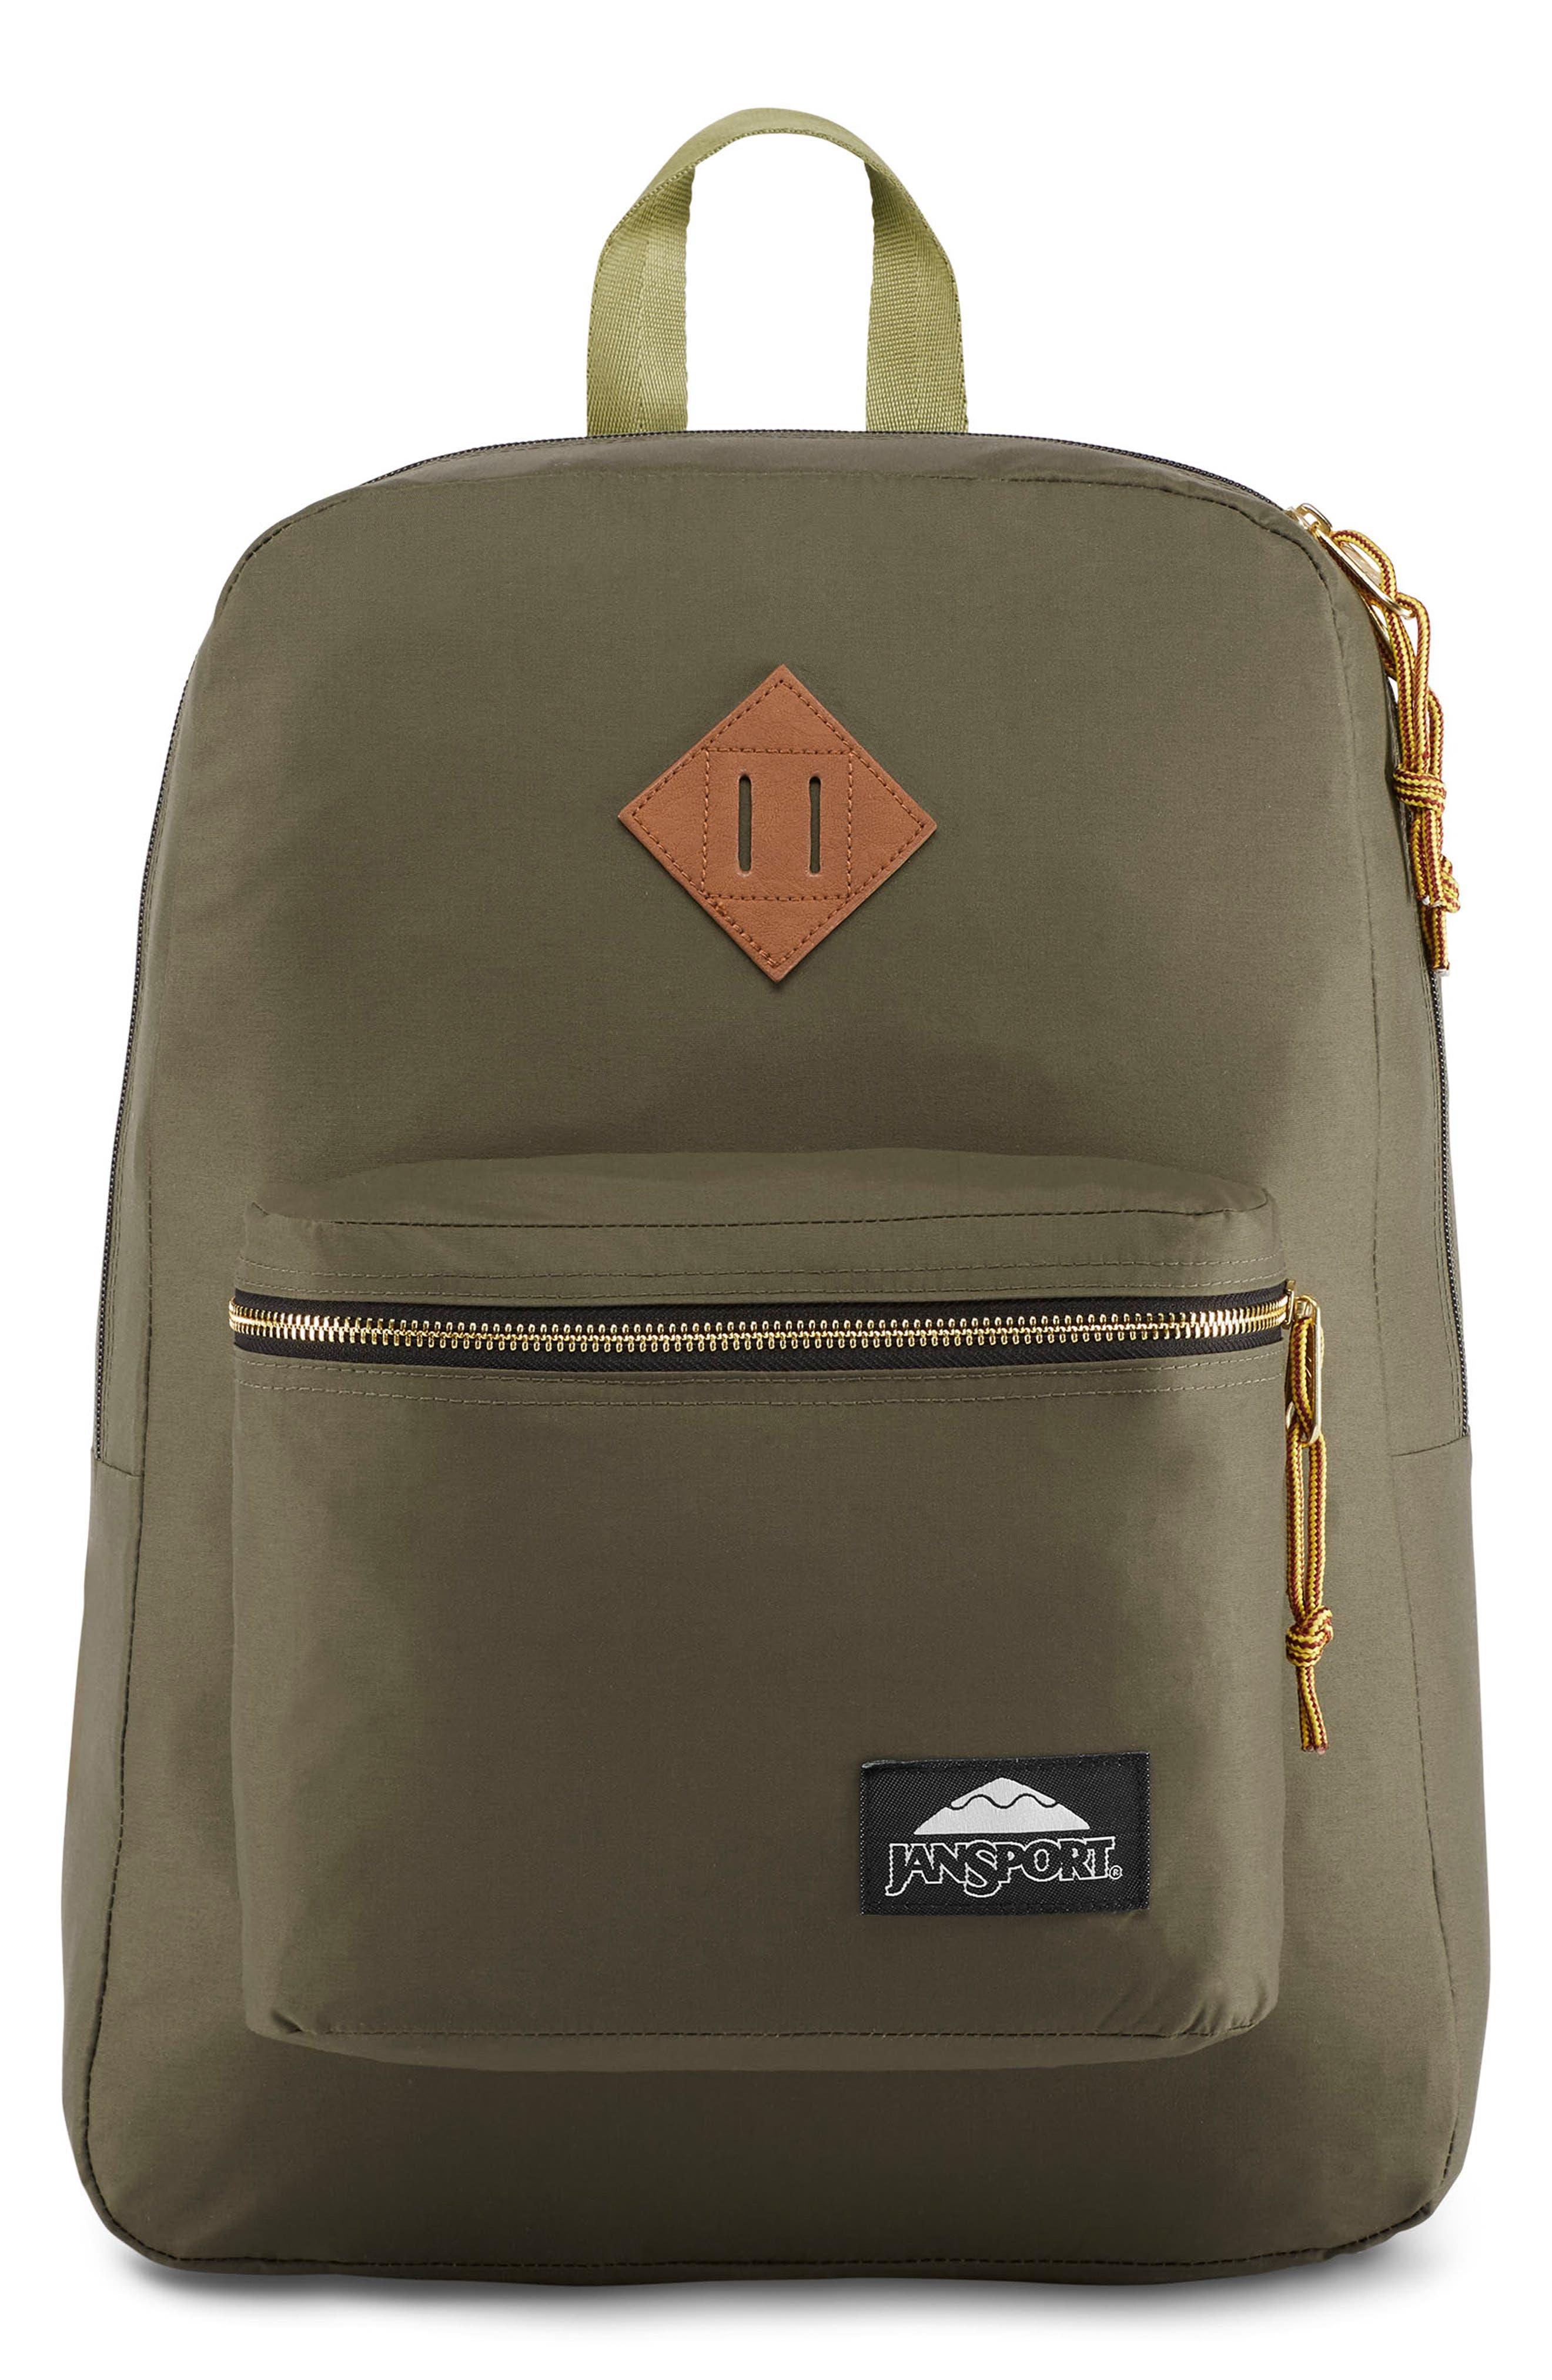 Jansport Standard Issue Super Fx Backpack - Green